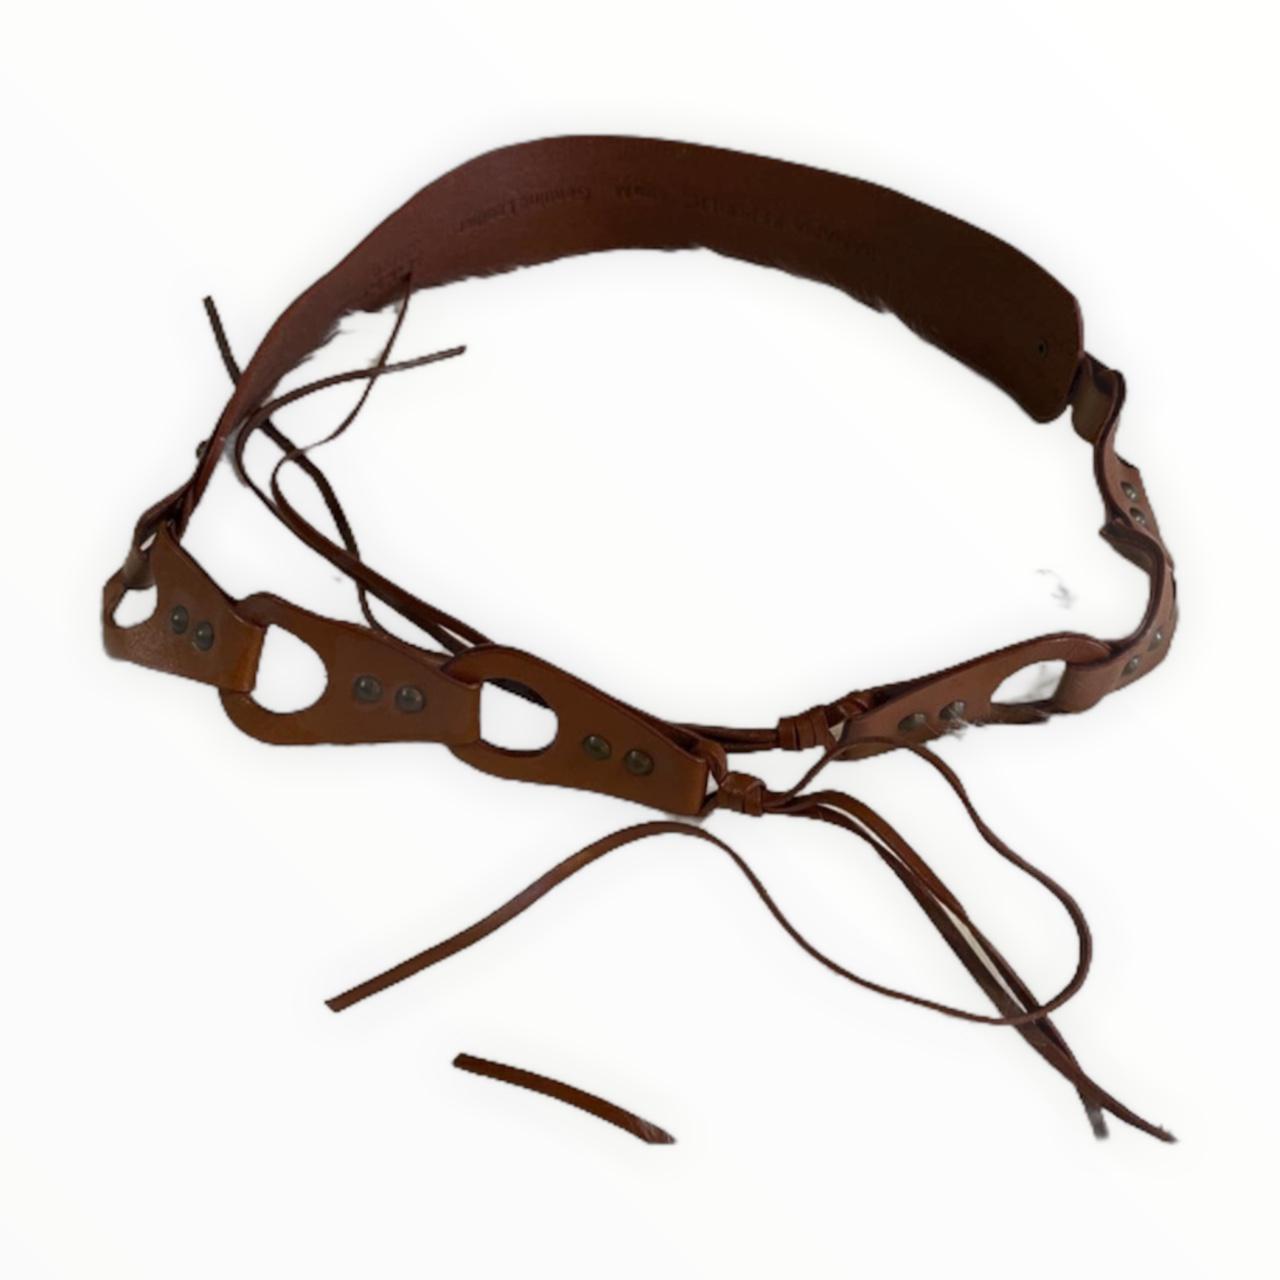 Product Image 1 - Banana Republic Genuine Leather Belt